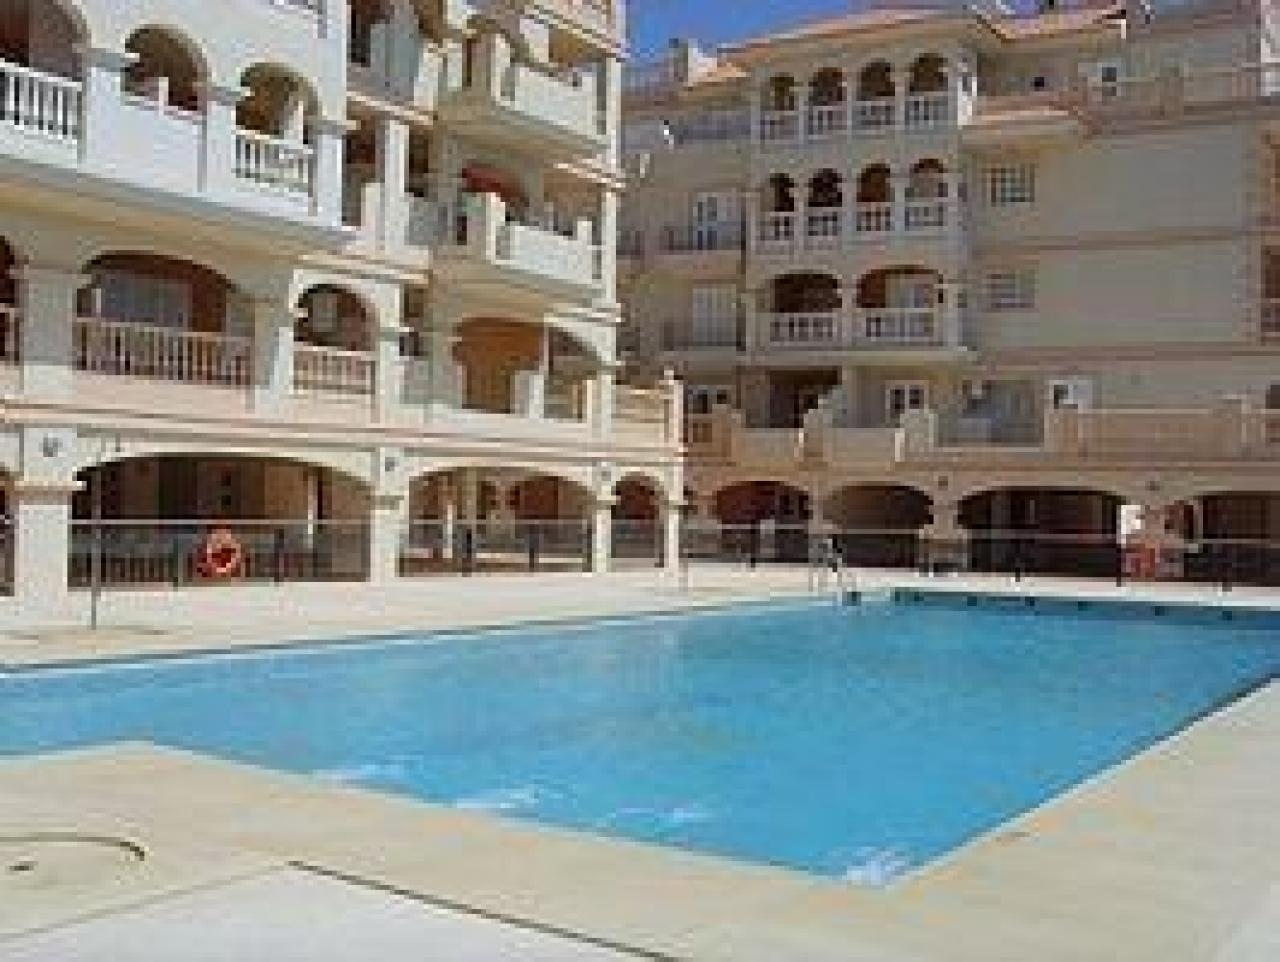 Alquiler vacaciones en El Ejido, Almería